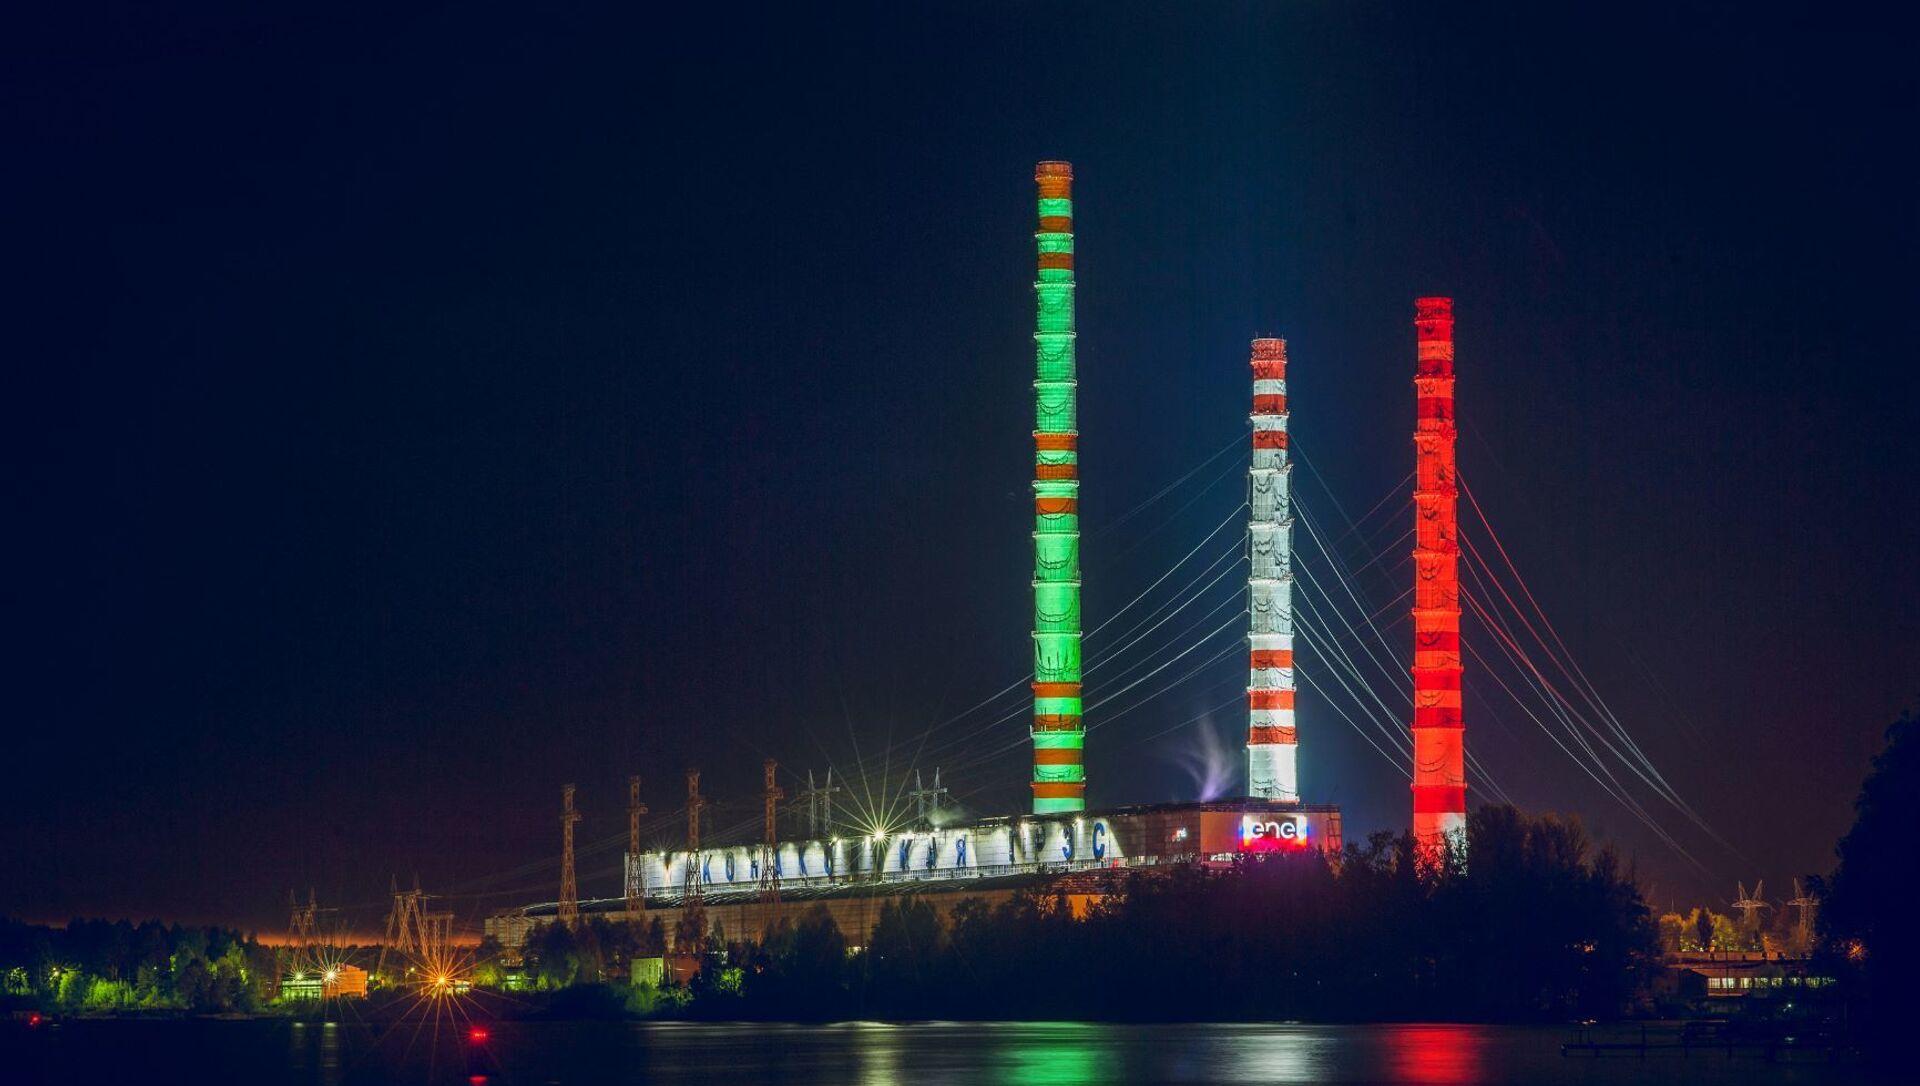 Centrale elettrica Konakovskaya illuminata con il tricolore italiano, vista dal fiume Volga. - Sputnik Italia, 1920, 03.02.2021